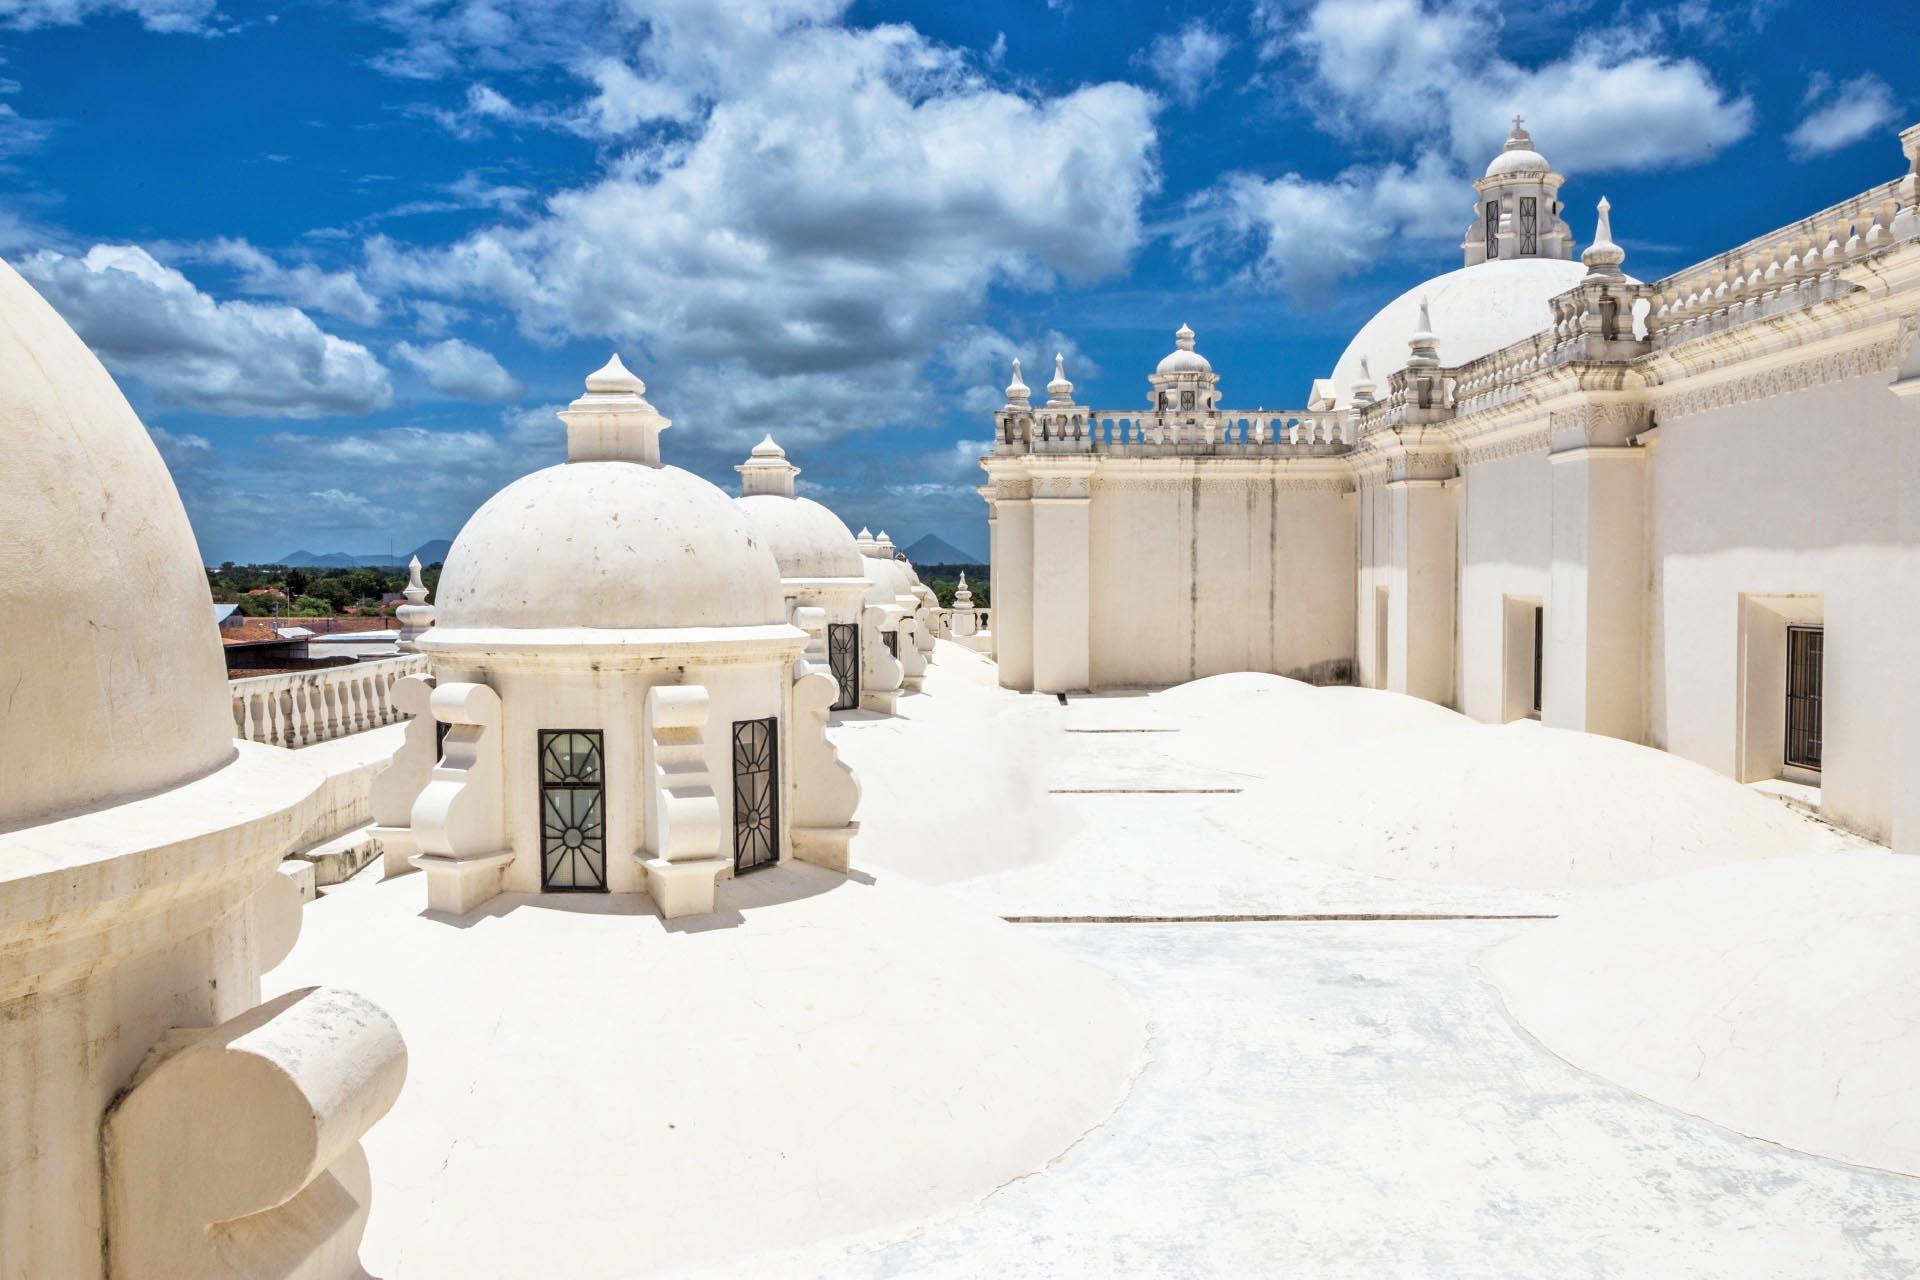 レオン大聖堂 ニカラグアの風景